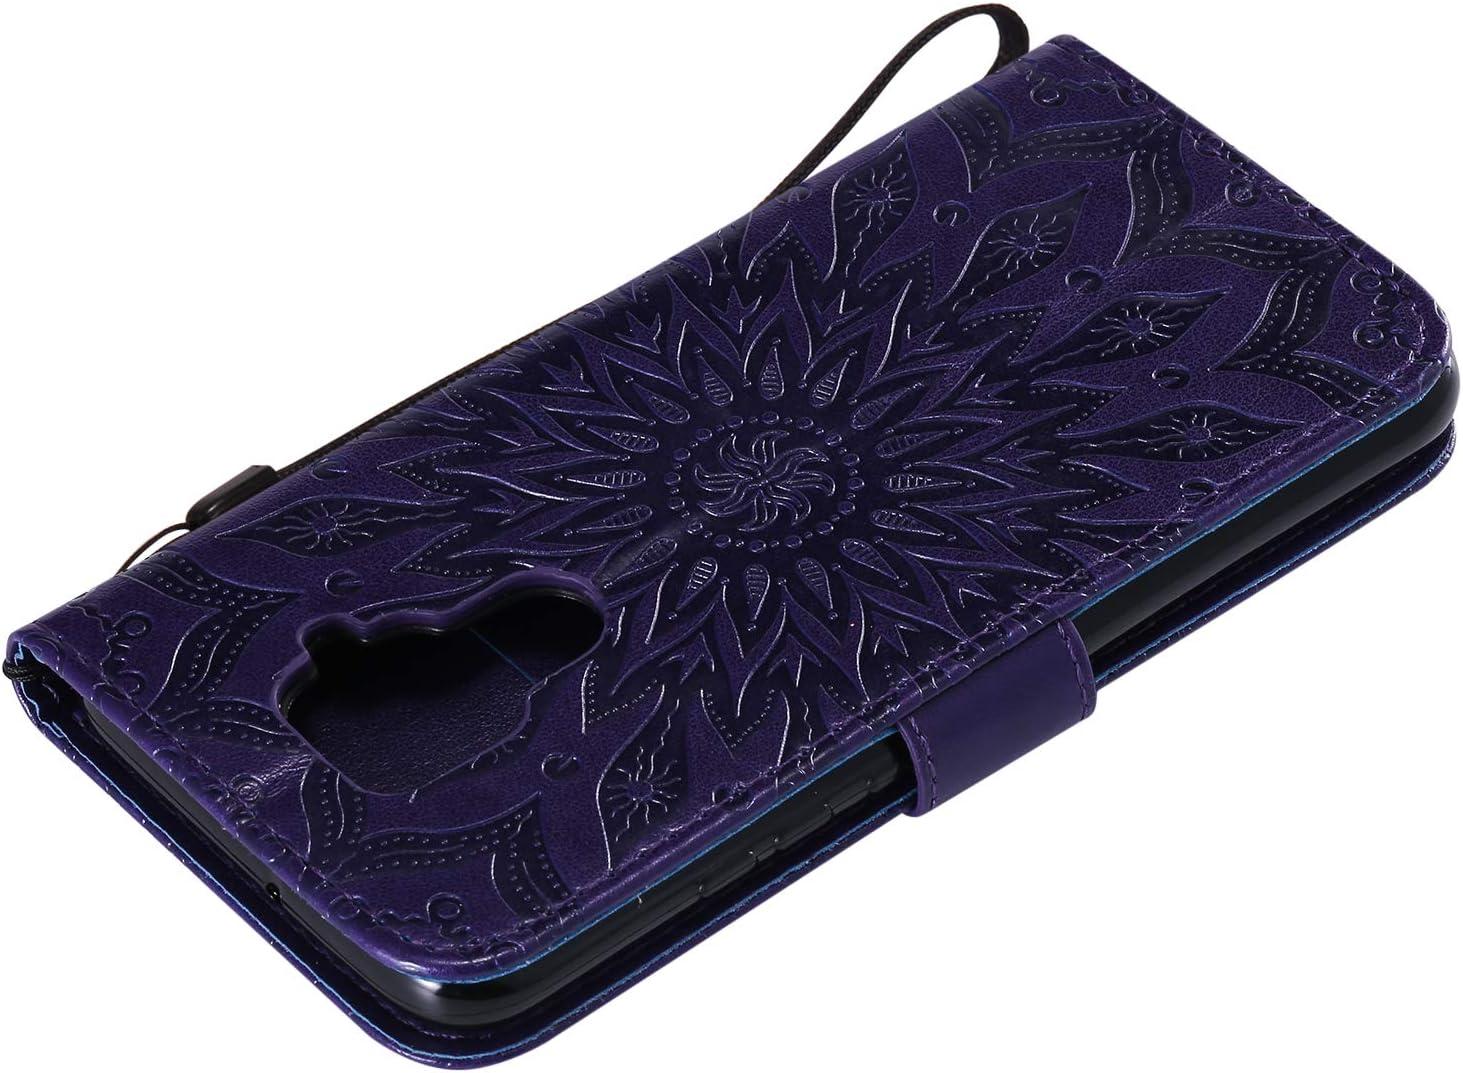 NEXCURIO Wallet Case for Huawei Mate 30 Lite//nova 5i Pro with Card Holder Side Pocket Kickstand Shockproof Leather Flip Cover Case for Huawei Mate30 Lite NEKTU020538 Blue